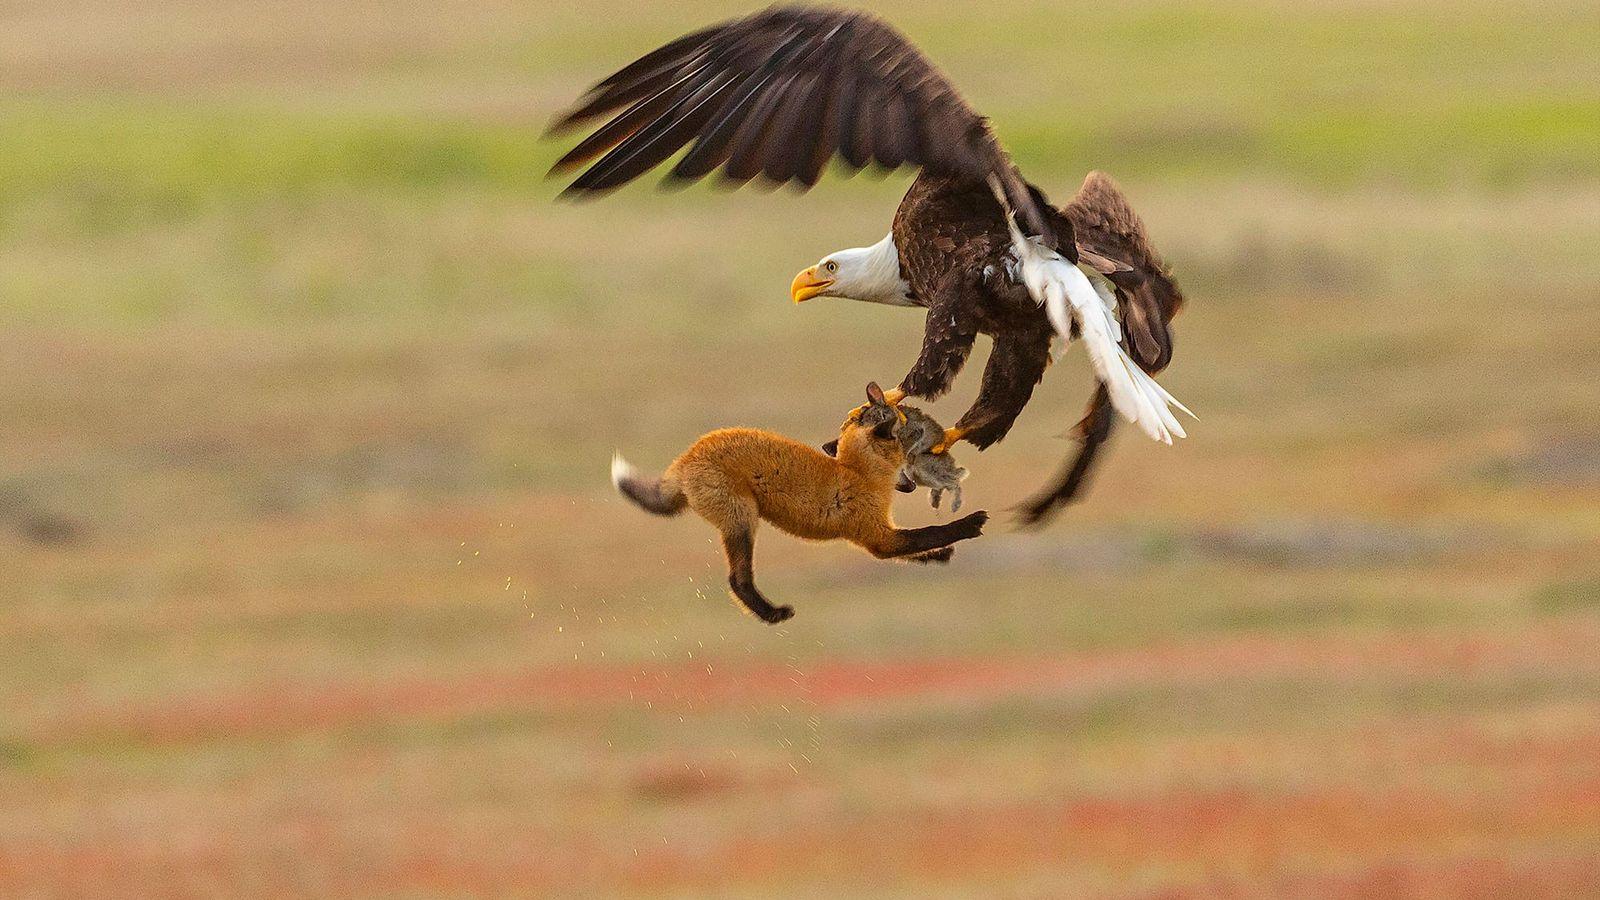 Ebi dachte, dass der Fuchs seine Mahlzeit vor Schreck loslassen würde – aber er hielt sich ...